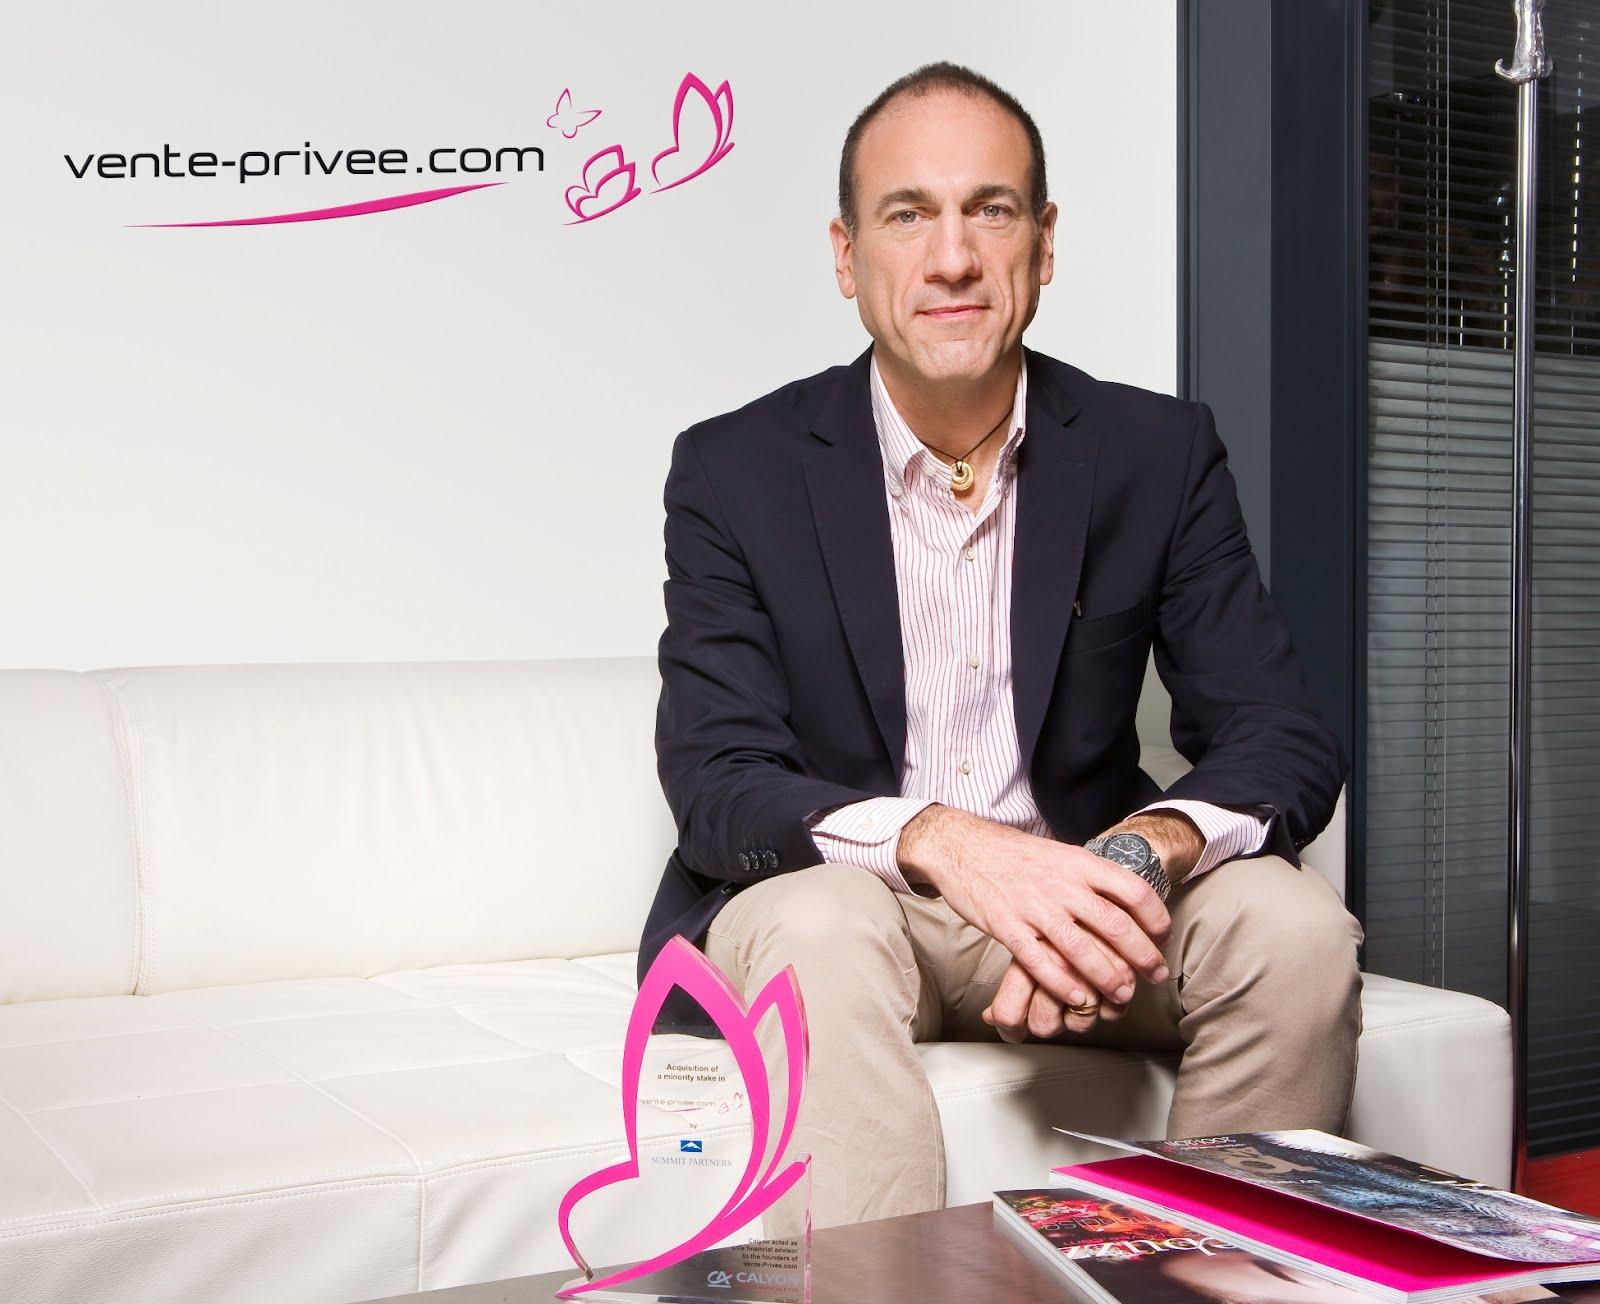 corriere del web vente privee fabio paracolli nuovo direttore commerciale italia. Black Bedroom Furniture Sets. Home Design Ideas